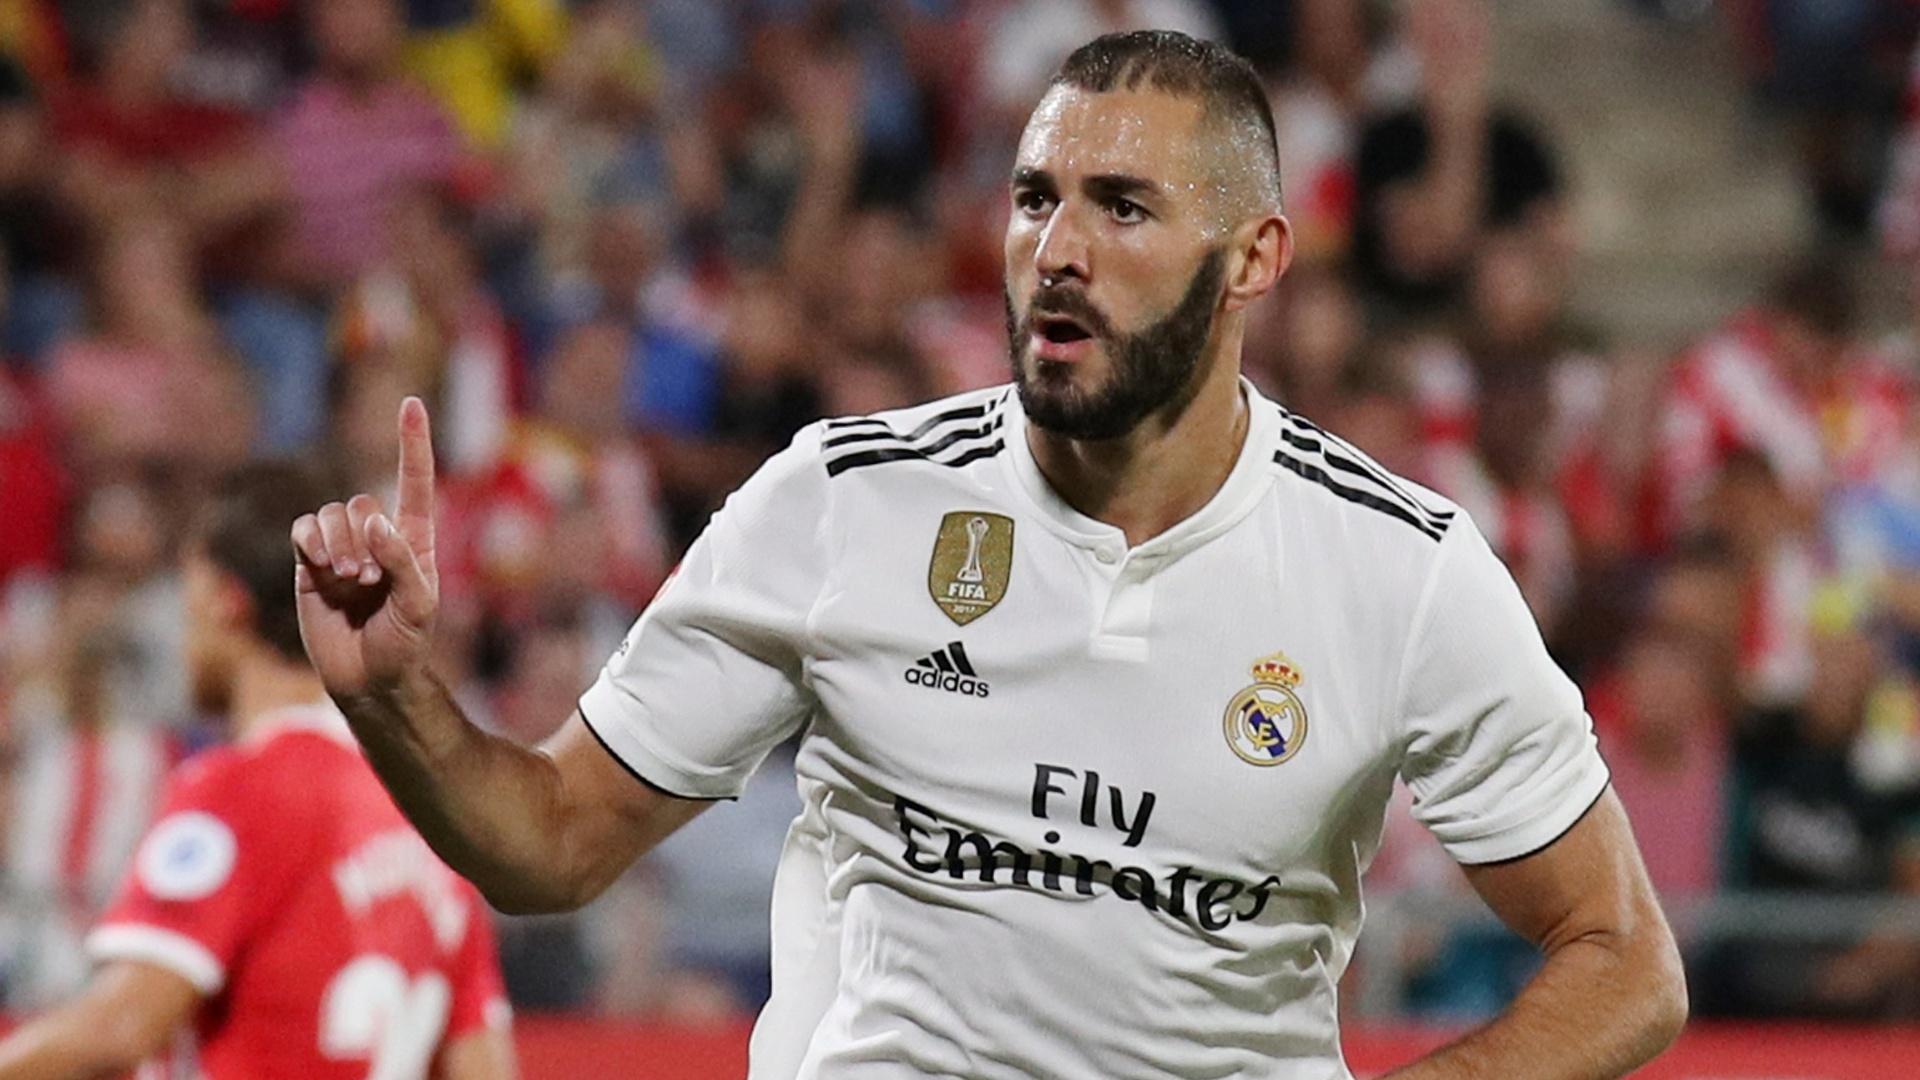 Benzema faz o seu segundo gol diante do Girona